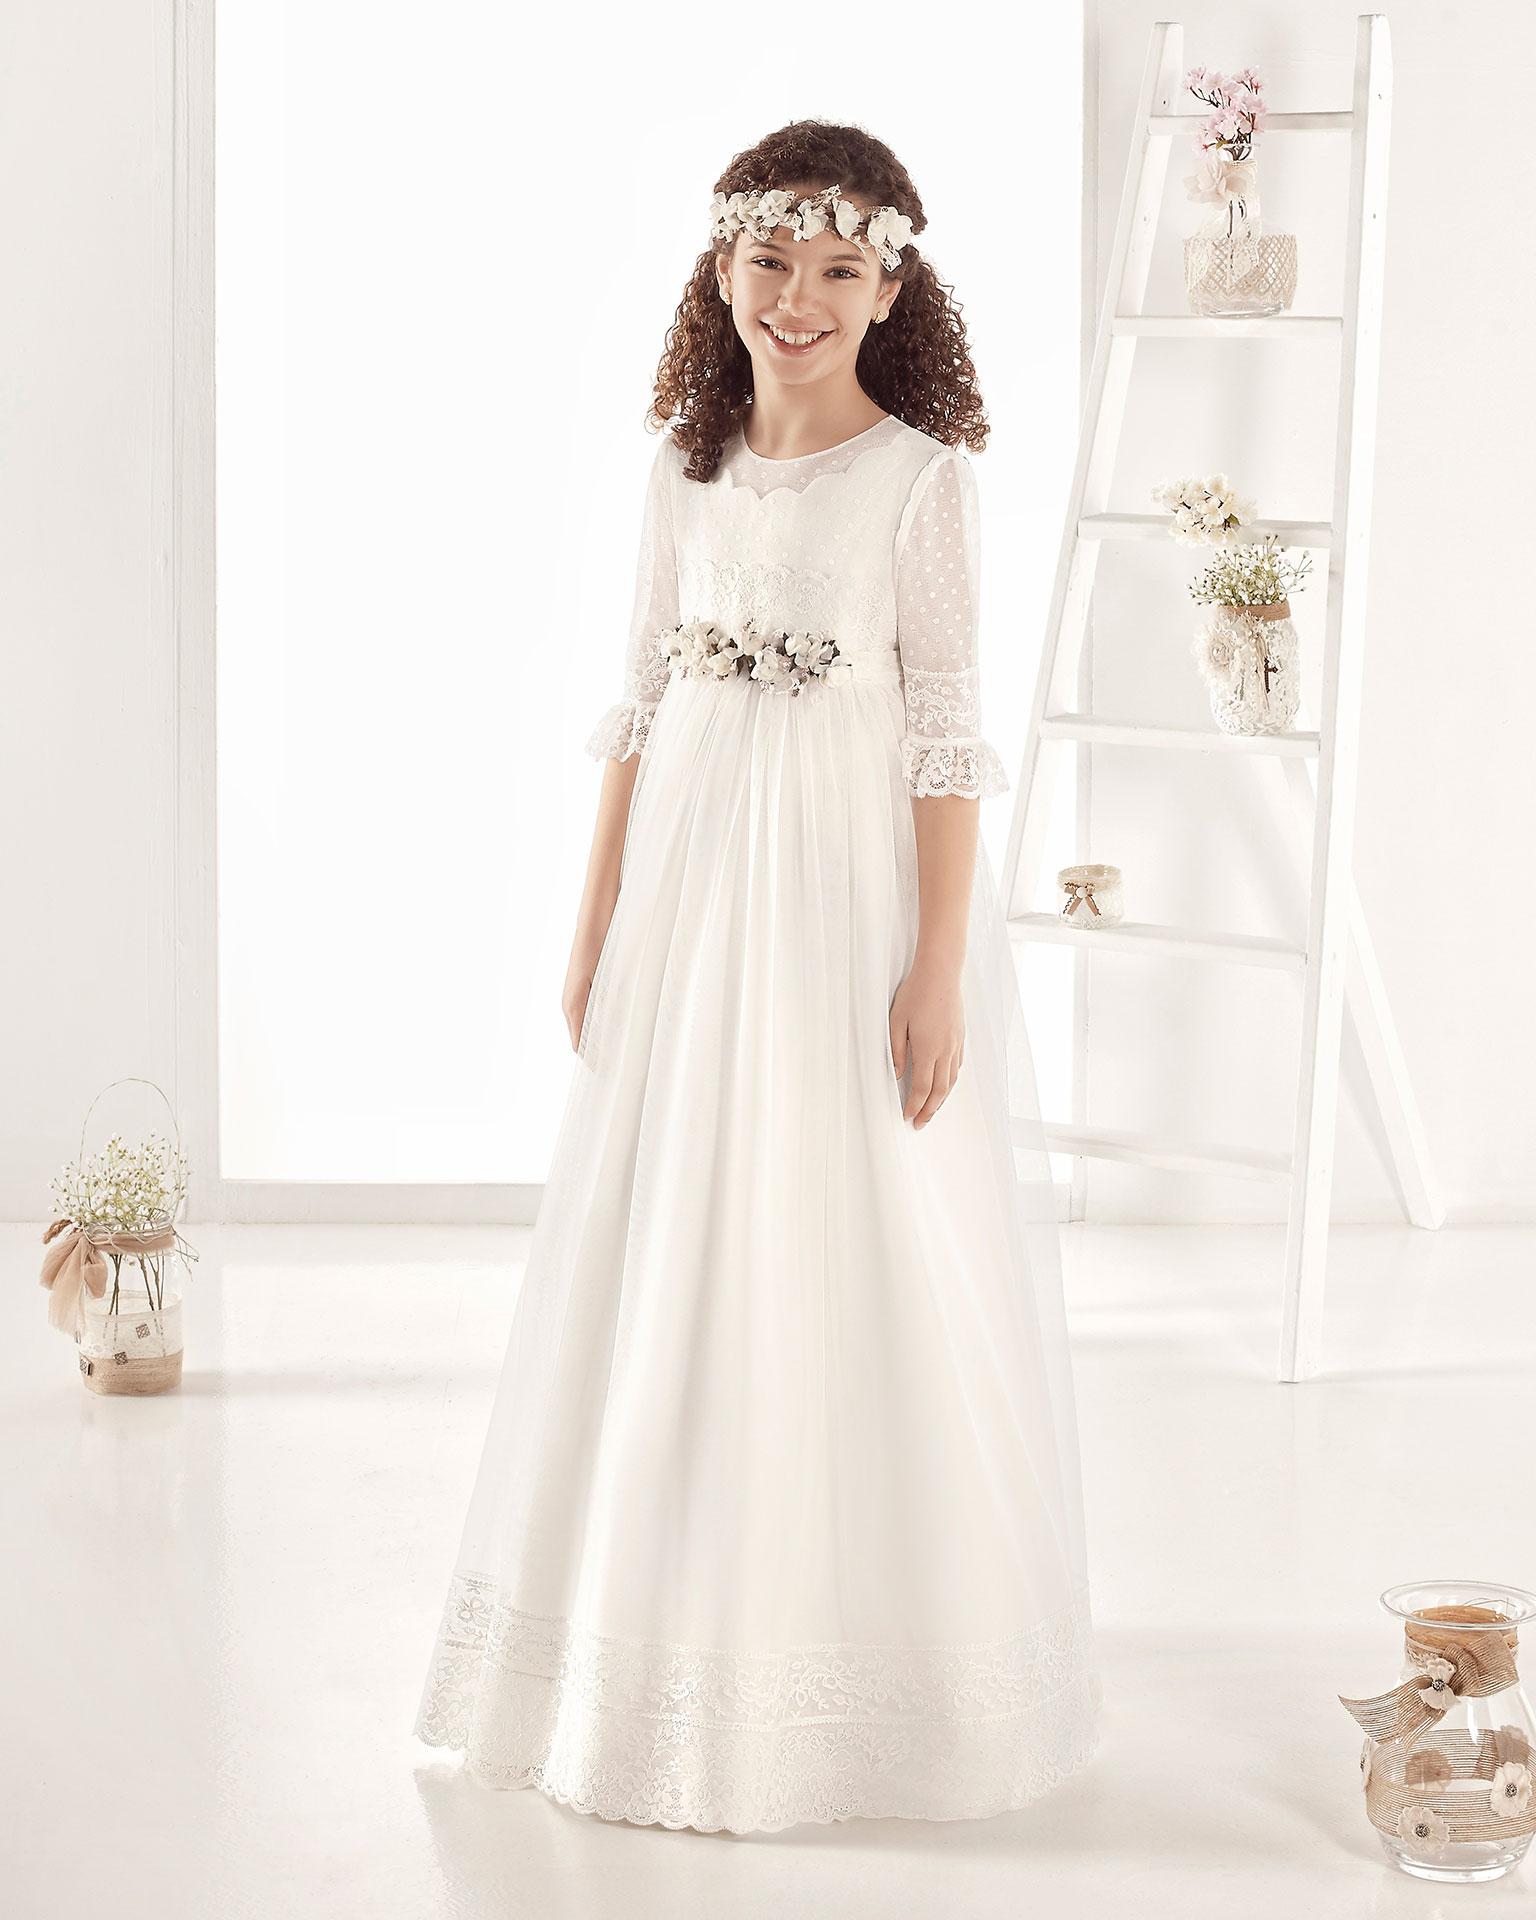 Robe de communion style romantique en tulle. Avec taille empire. Disponible en couleur naturelle. Collection AIRE COMUNION 2019.